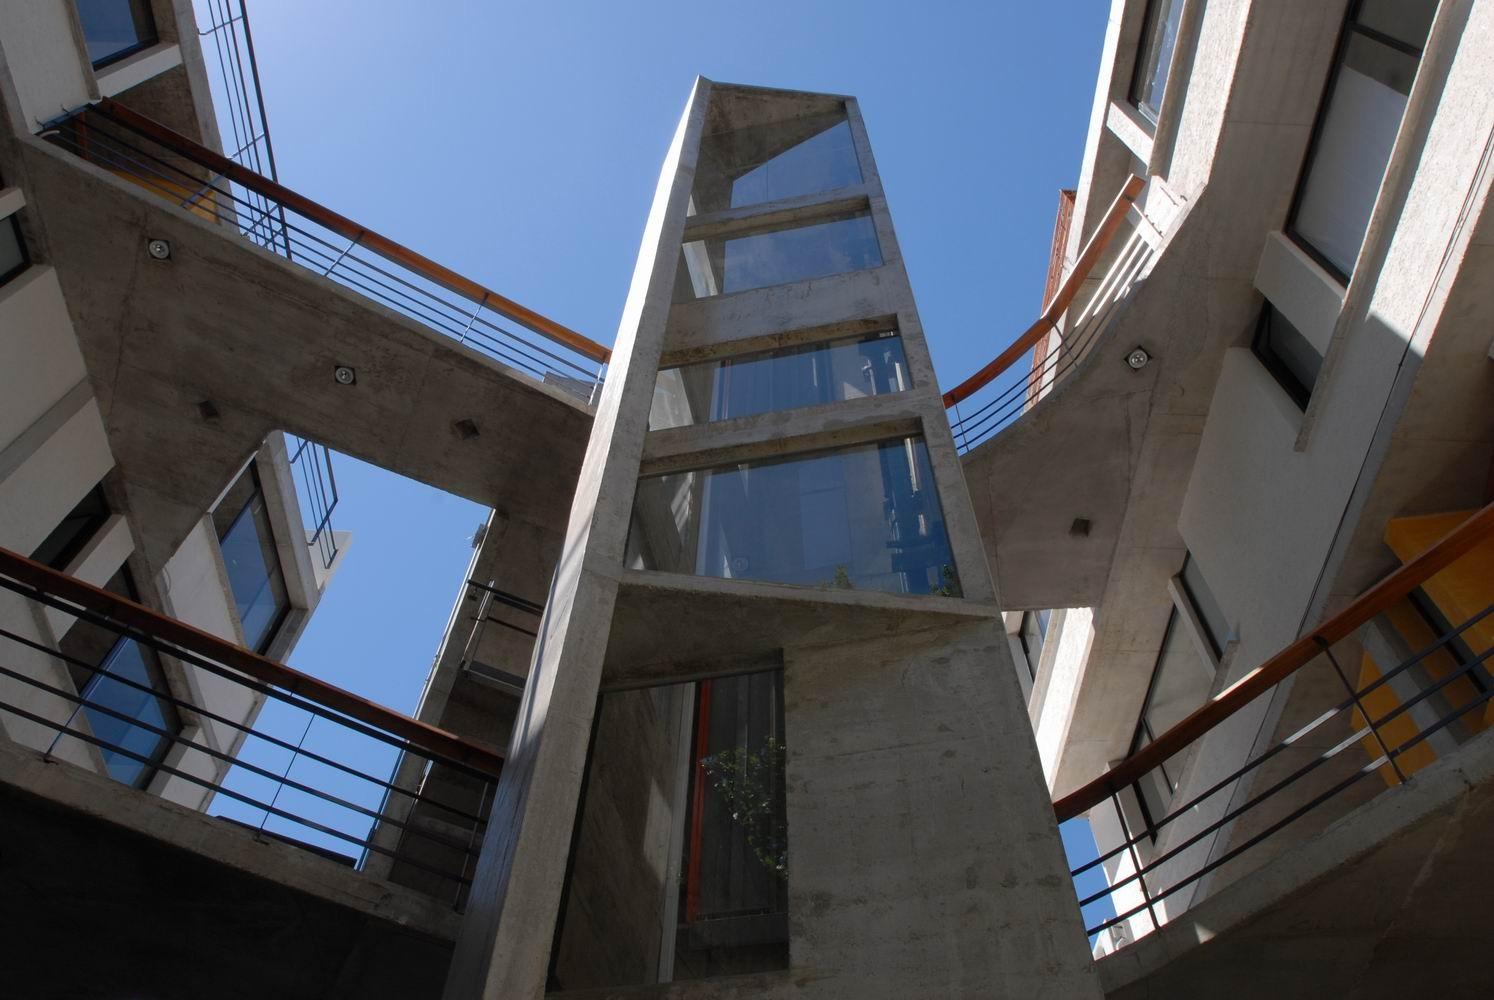 Galer a de loyola 963 moca arquitectos 5 - Arquitectos madrid 2 0 ...